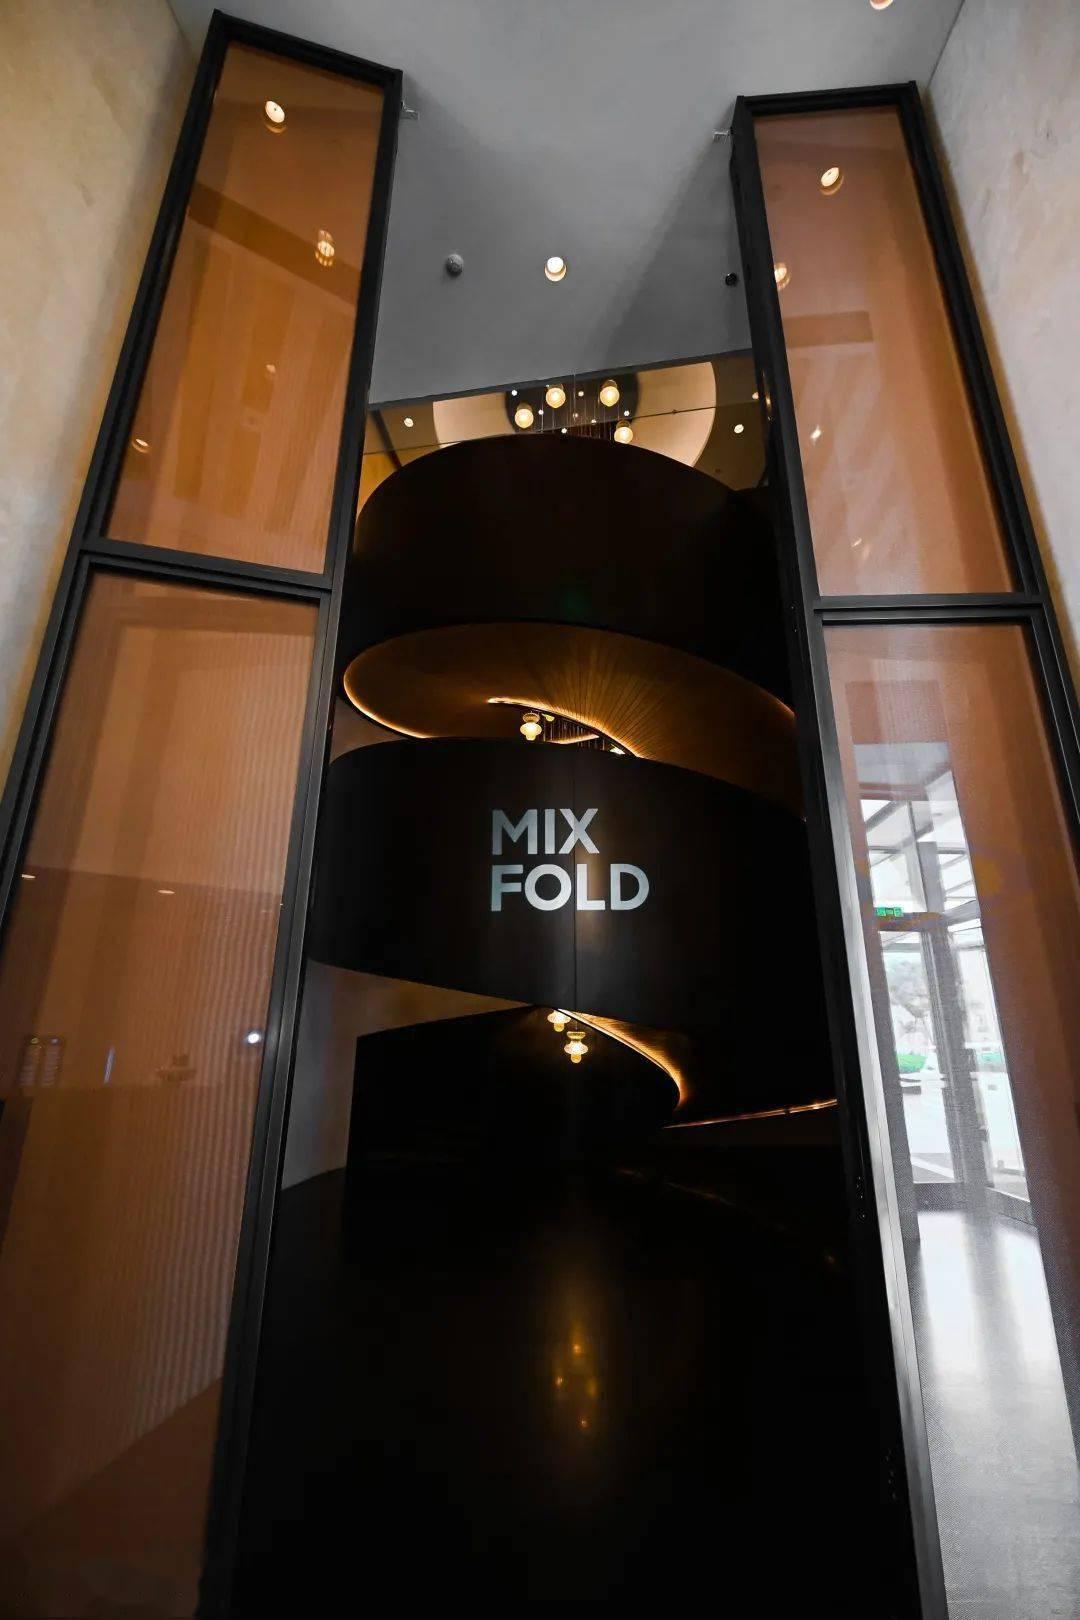 MIX FOLD | 开合间,是生意,是生活